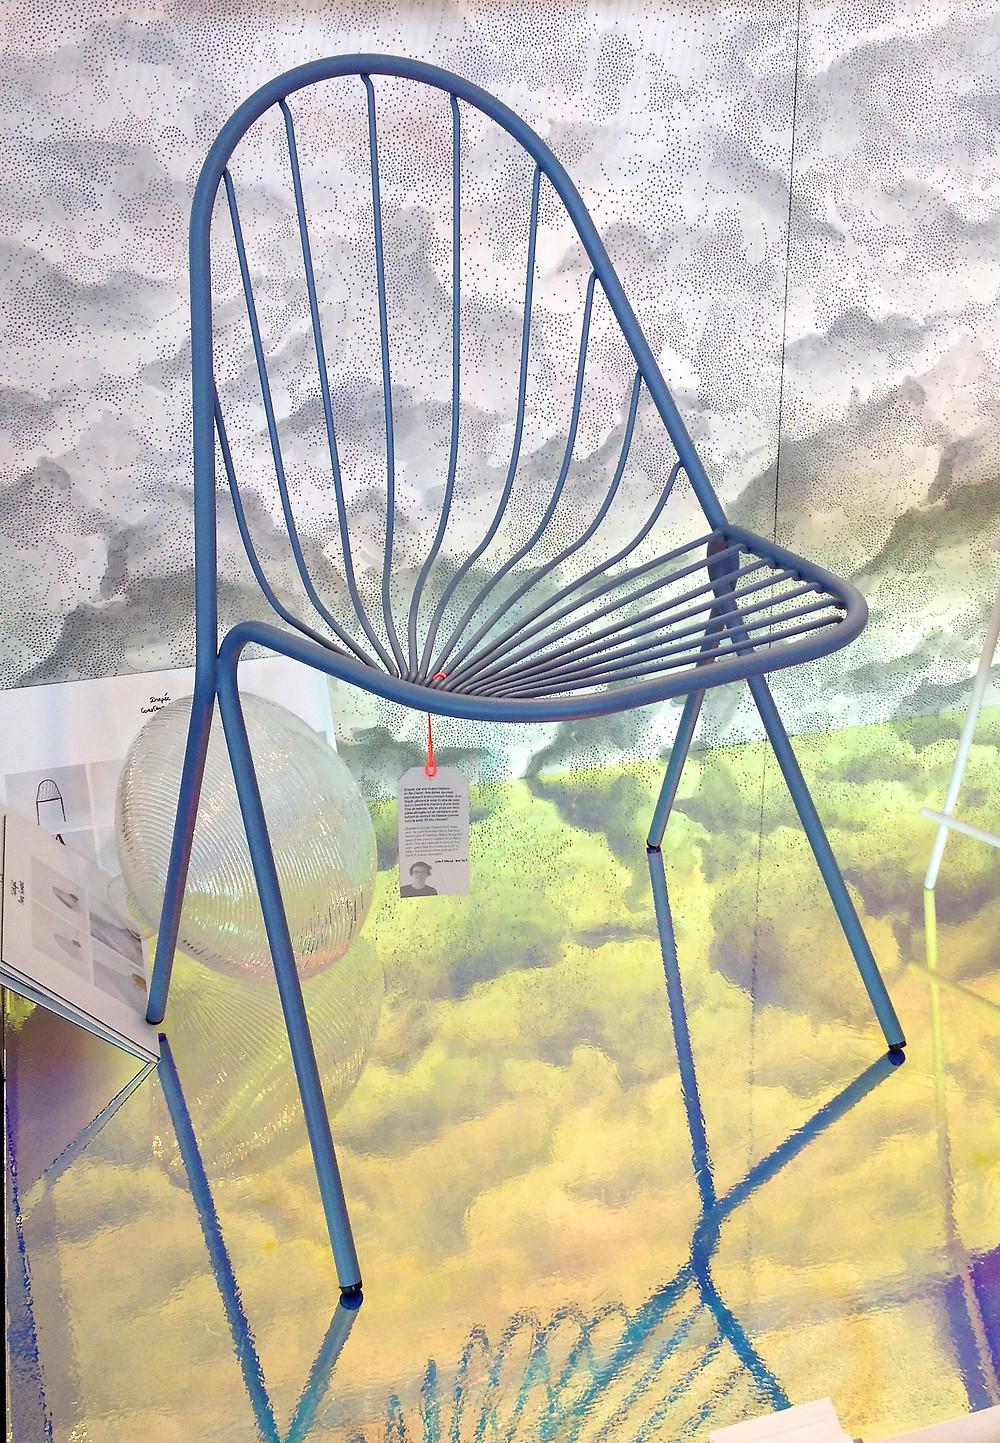 M&O chaise Decorexpat decoration d'intérieur Paris expatries